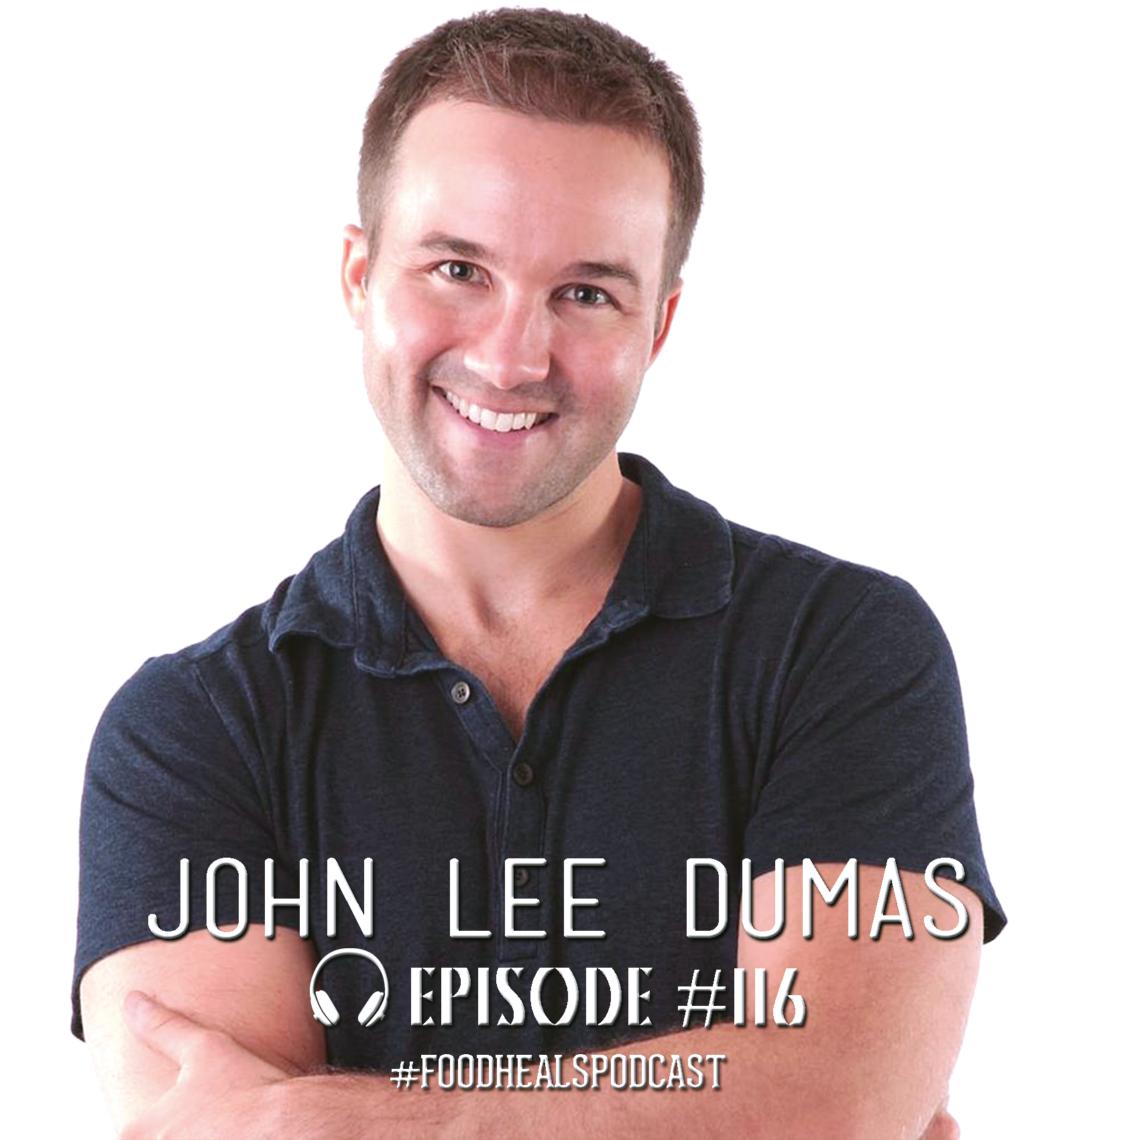 John Lee Dumas, EOfire.com